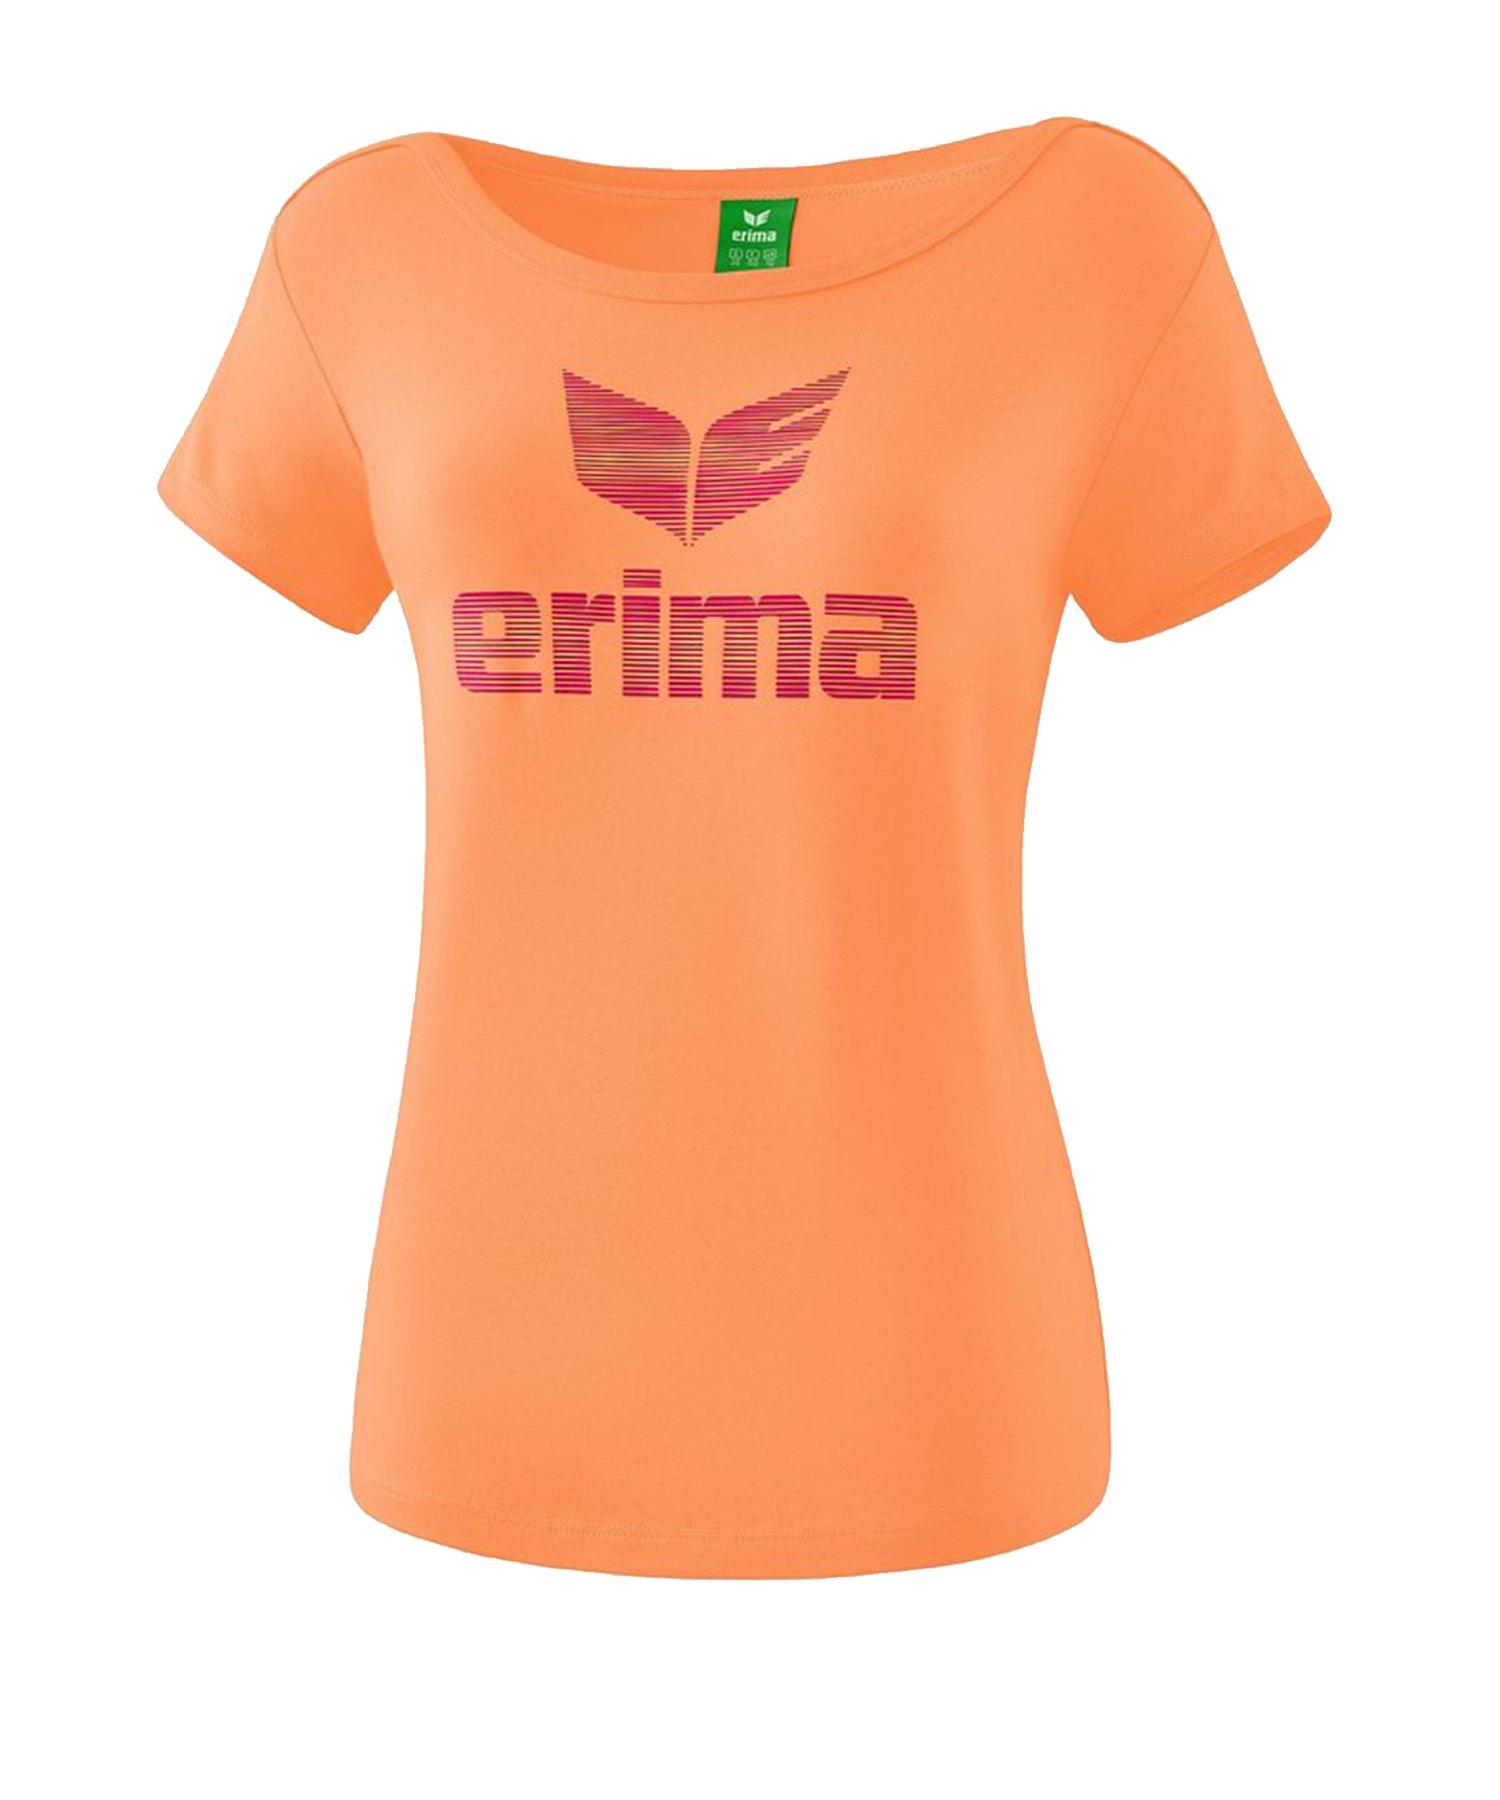 Erima Essential T-Shirt Damen Orange - Orange